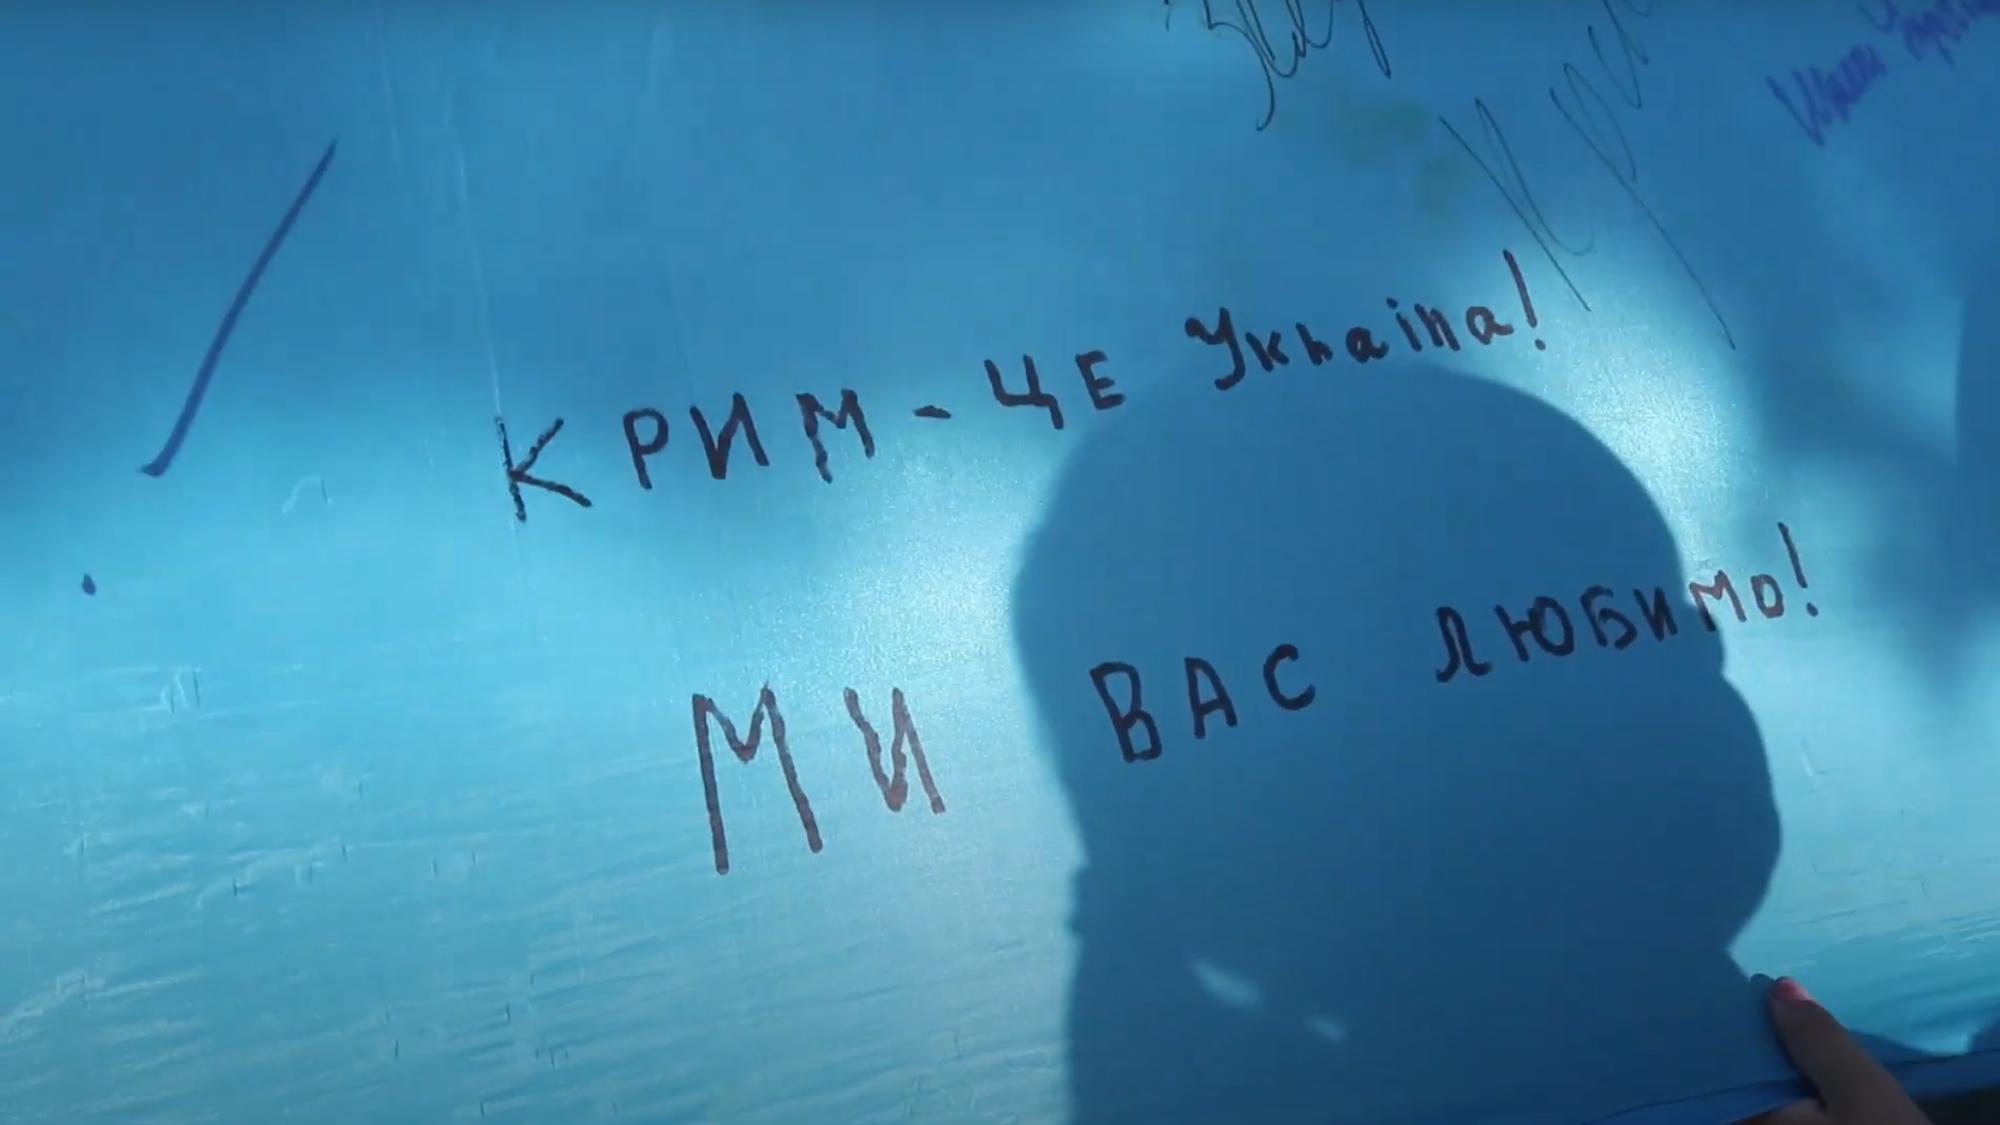 Флаг крымских татар, который сшили в Краматорске, сегодня пролетит над Крымом